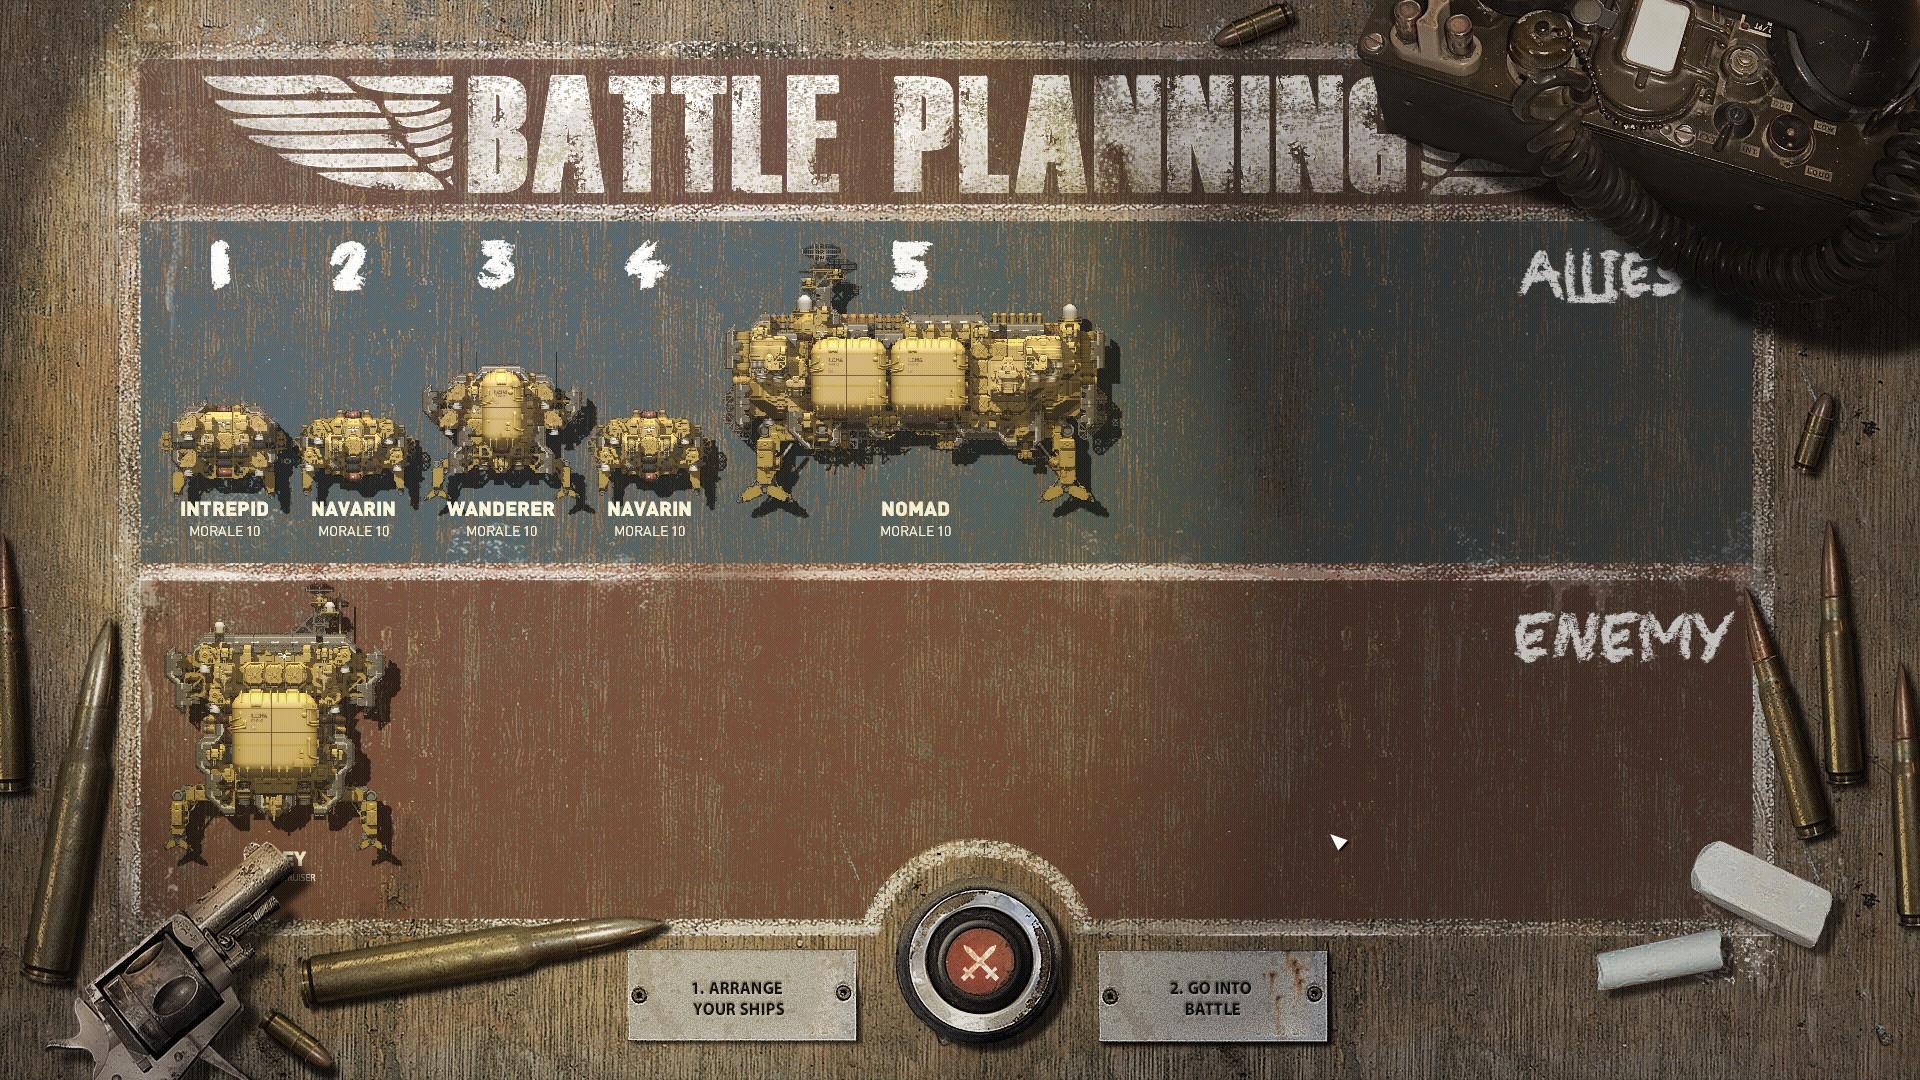 Planning a battle